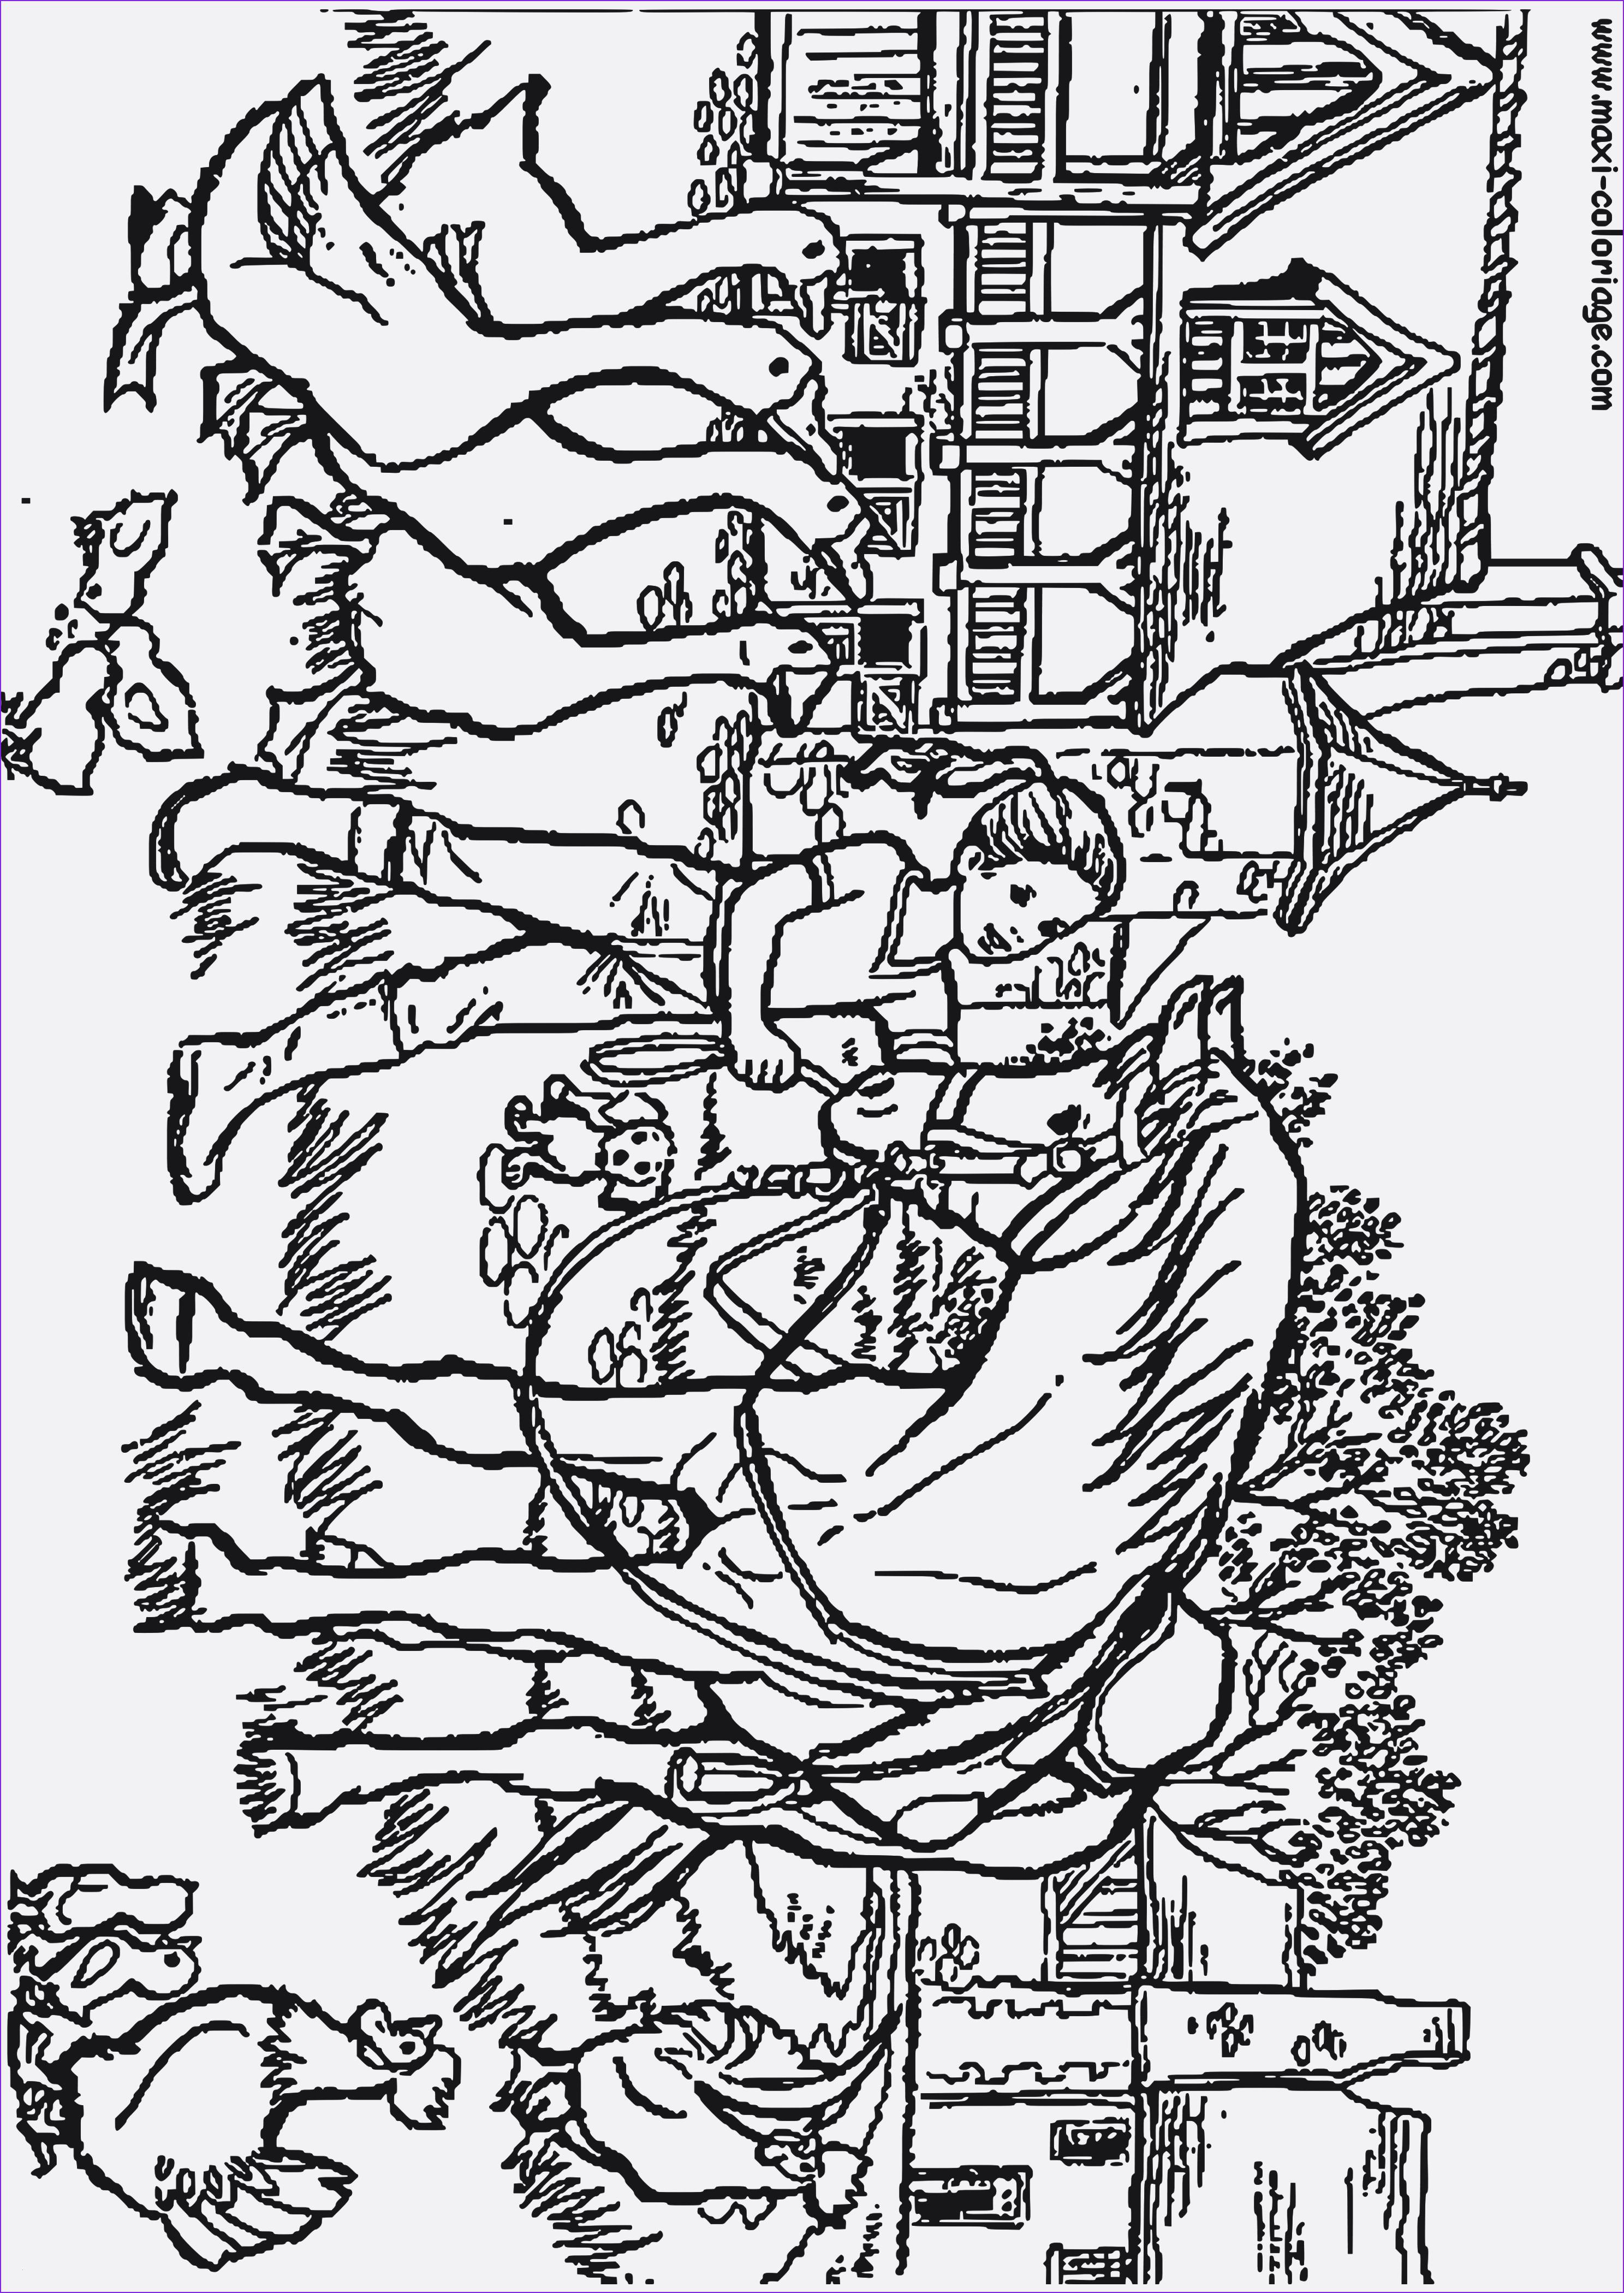 Mandala Bibi Und Tina Genial Bibi Und Tina Ausmalbilder Pdf Elegant 55 Ausmalbilder Zum Frisch Galerie